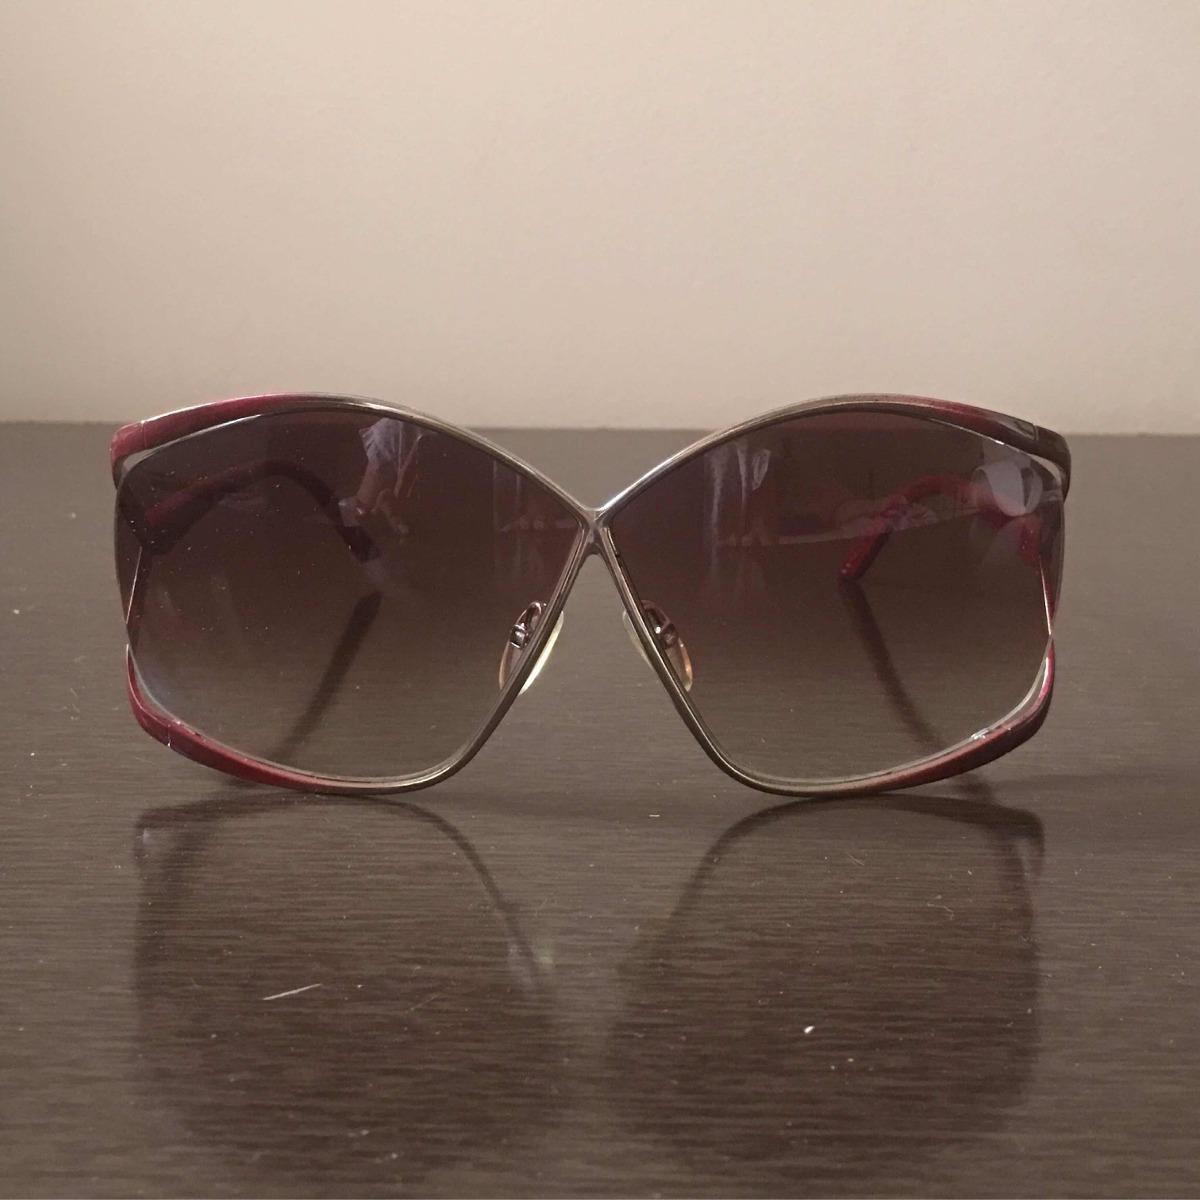 25479740d5d3a óculos de sol very dior hfy usado. Carregando zoom.